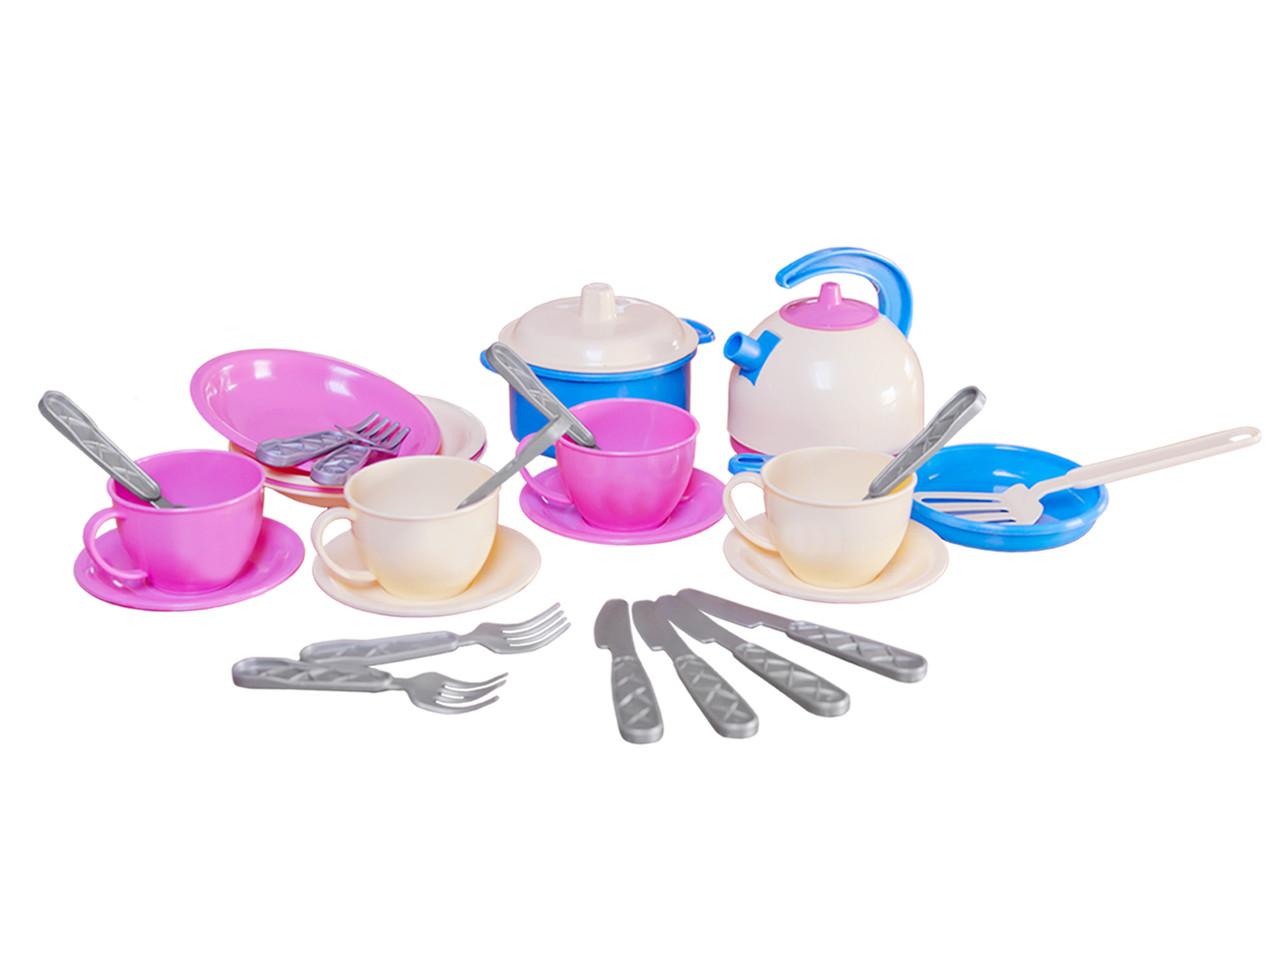 Набор детской посудки Маринка 11 пластмасса Технок - Style-Baby детский магазин в Киеве